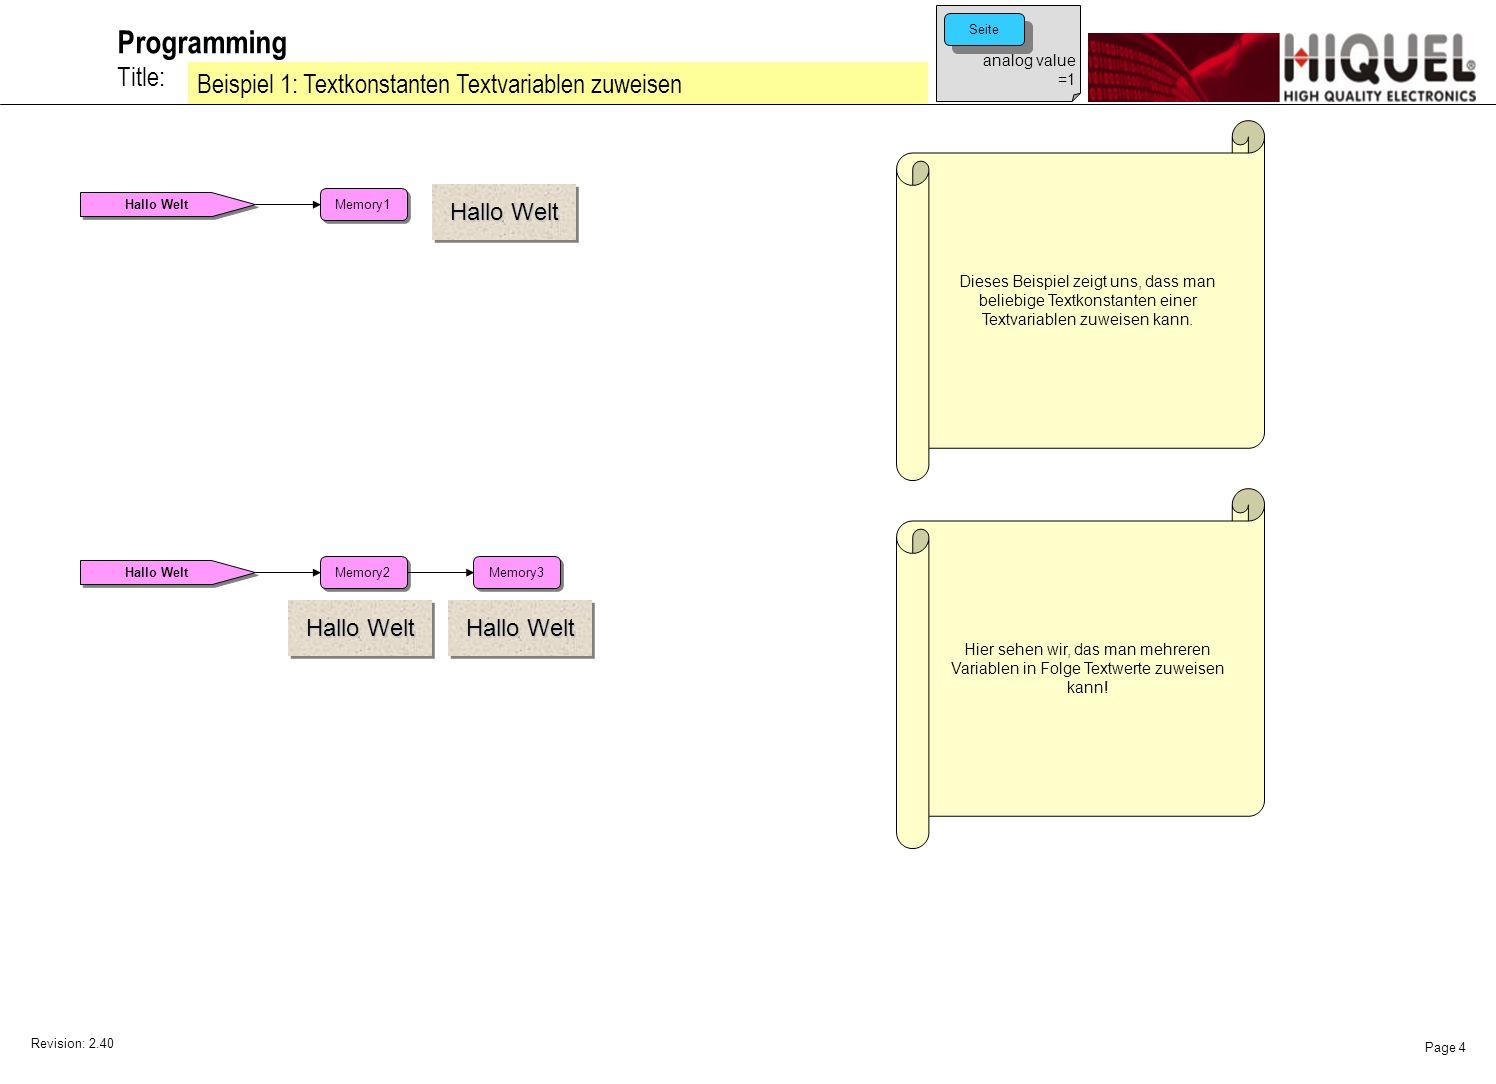 Revision: 2.40 Page 4 Title: Programming Beispiel 1: Textkonstanten Textvariablen zuweisen Dieses Beispiel zeigt uns, dass man beliebige Textkonstanten einer Textvariablen zuweisen kann.